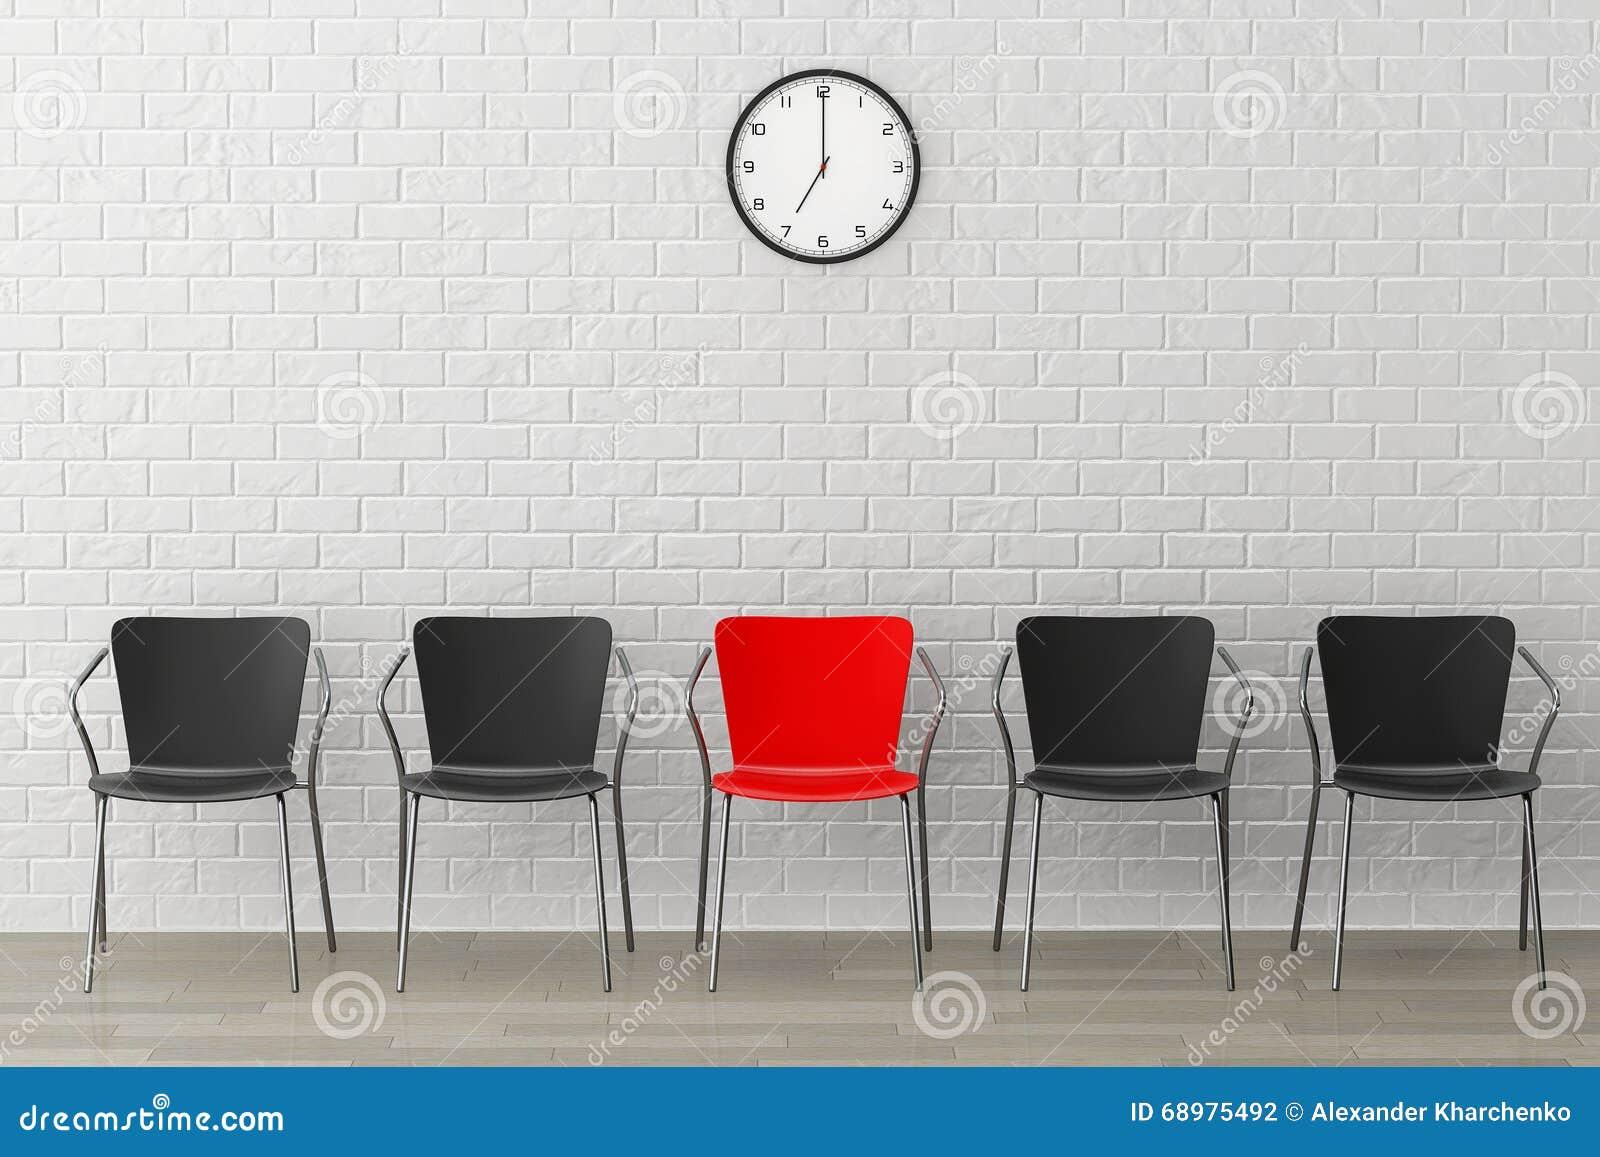 Silla roja con otro negro contra la pared con el reloj moderno